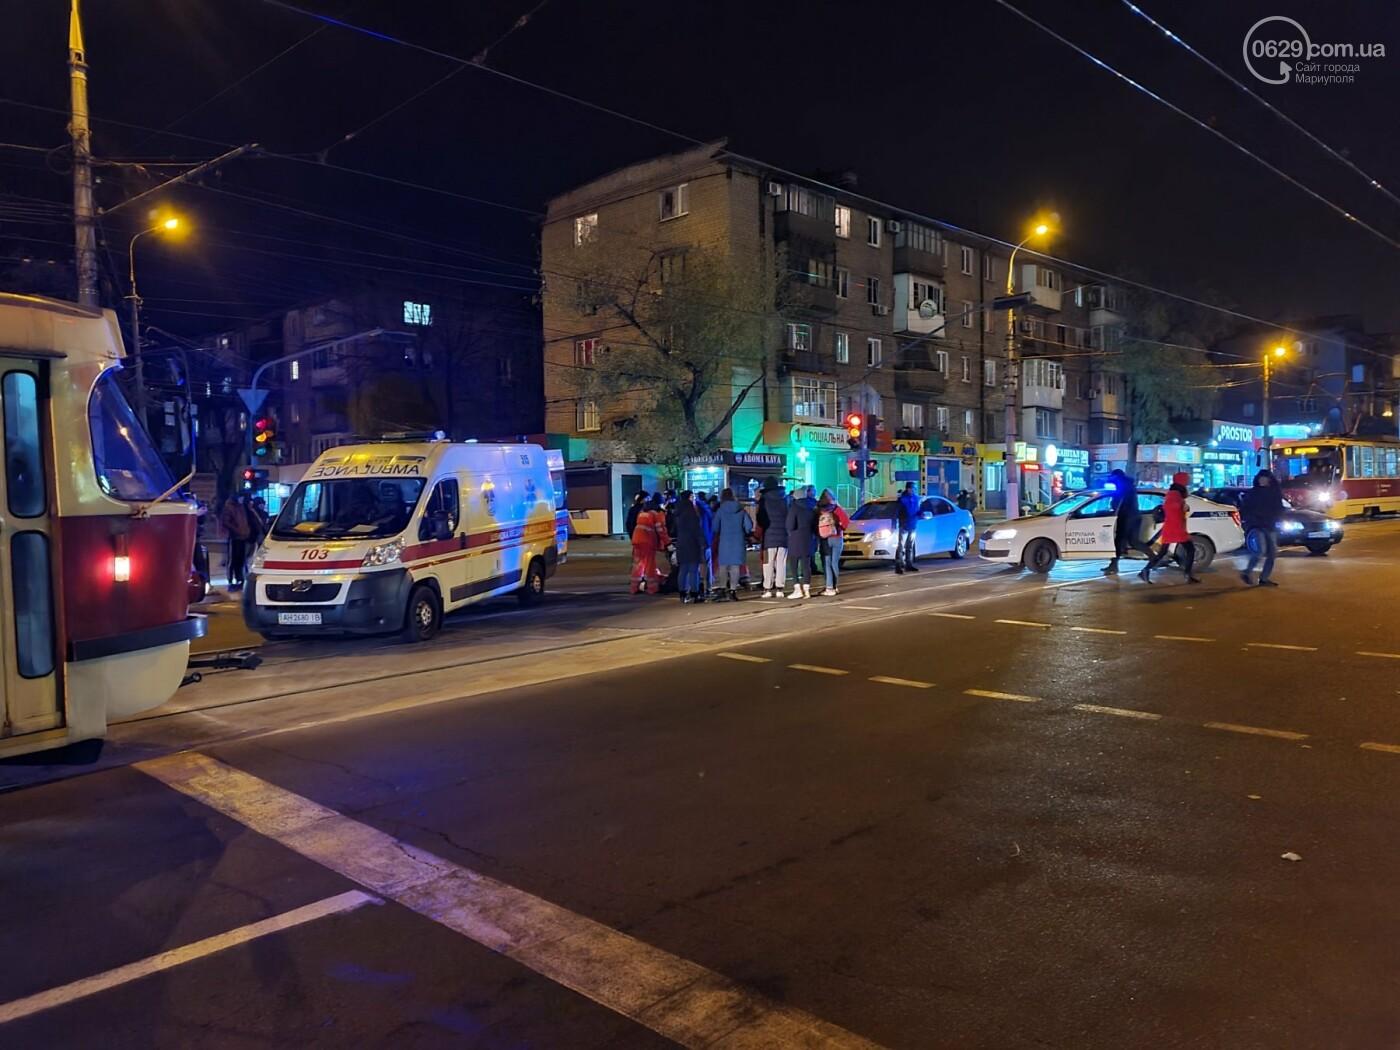 В Мариуполе автомобиль сбил пешехода, - ФОТО, фото-5